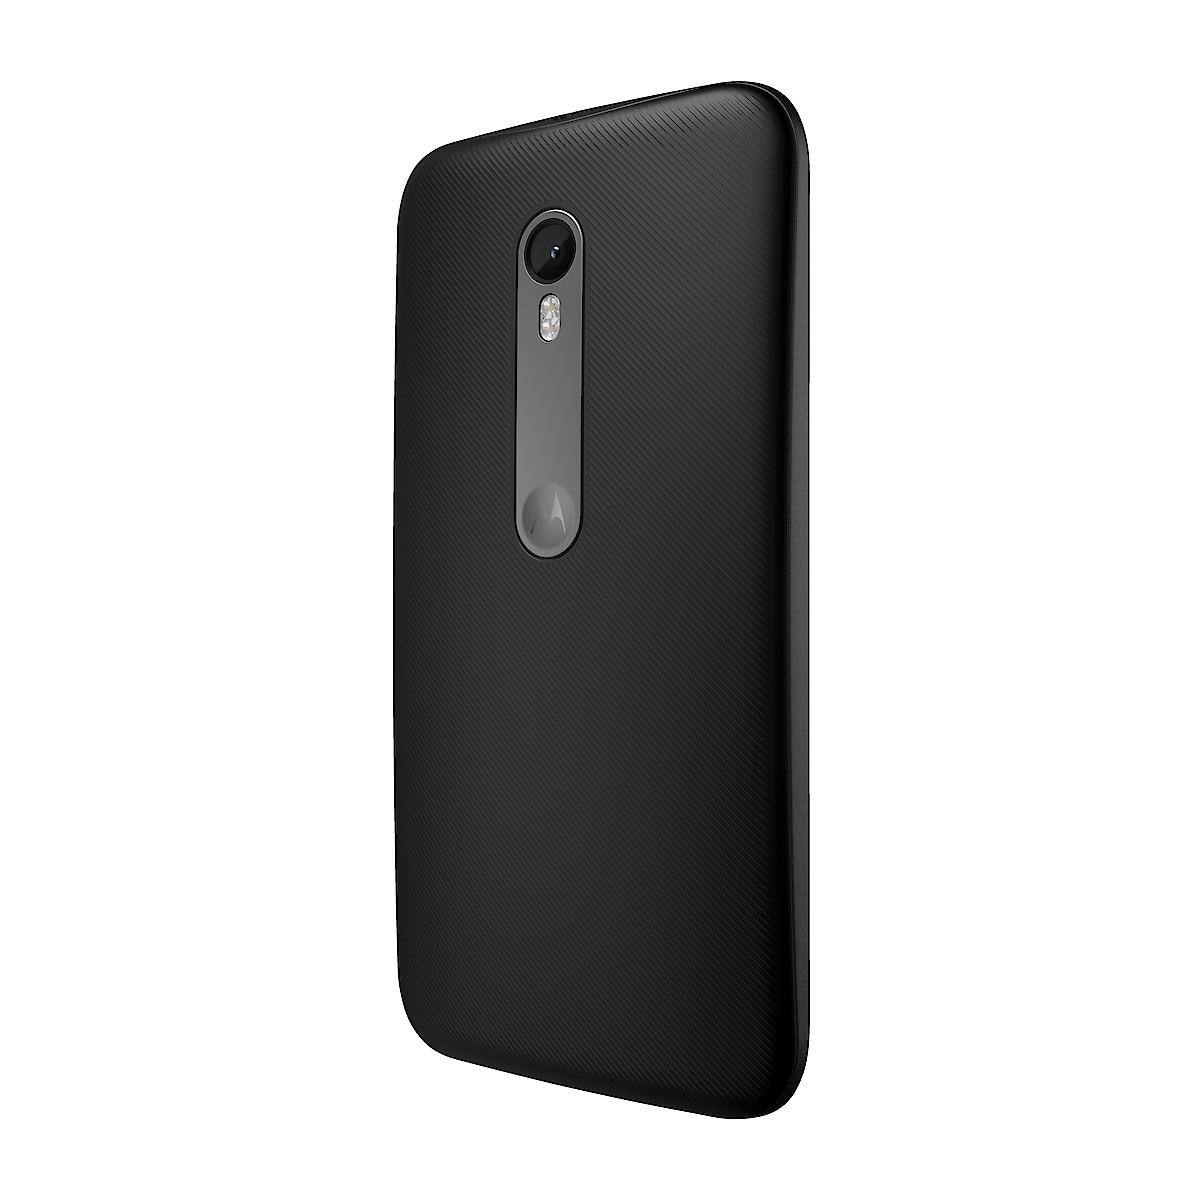 Motorola Moto G 3rd Gen 8 GB mobiltelefon